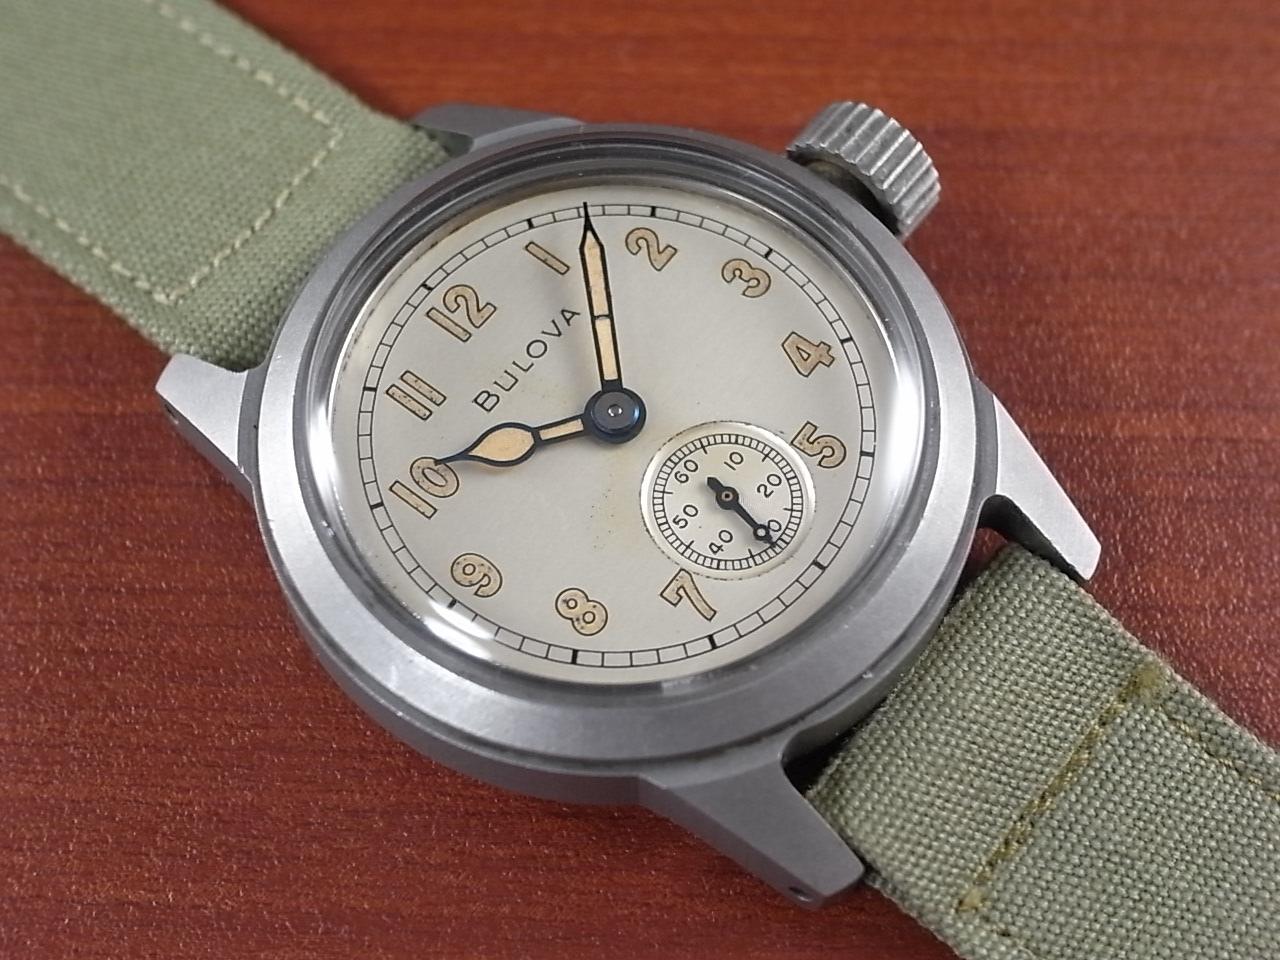 ブローバ 軍用時計 アメリカ陸軍 ホワイトダイアル 1940年代のメイン写真